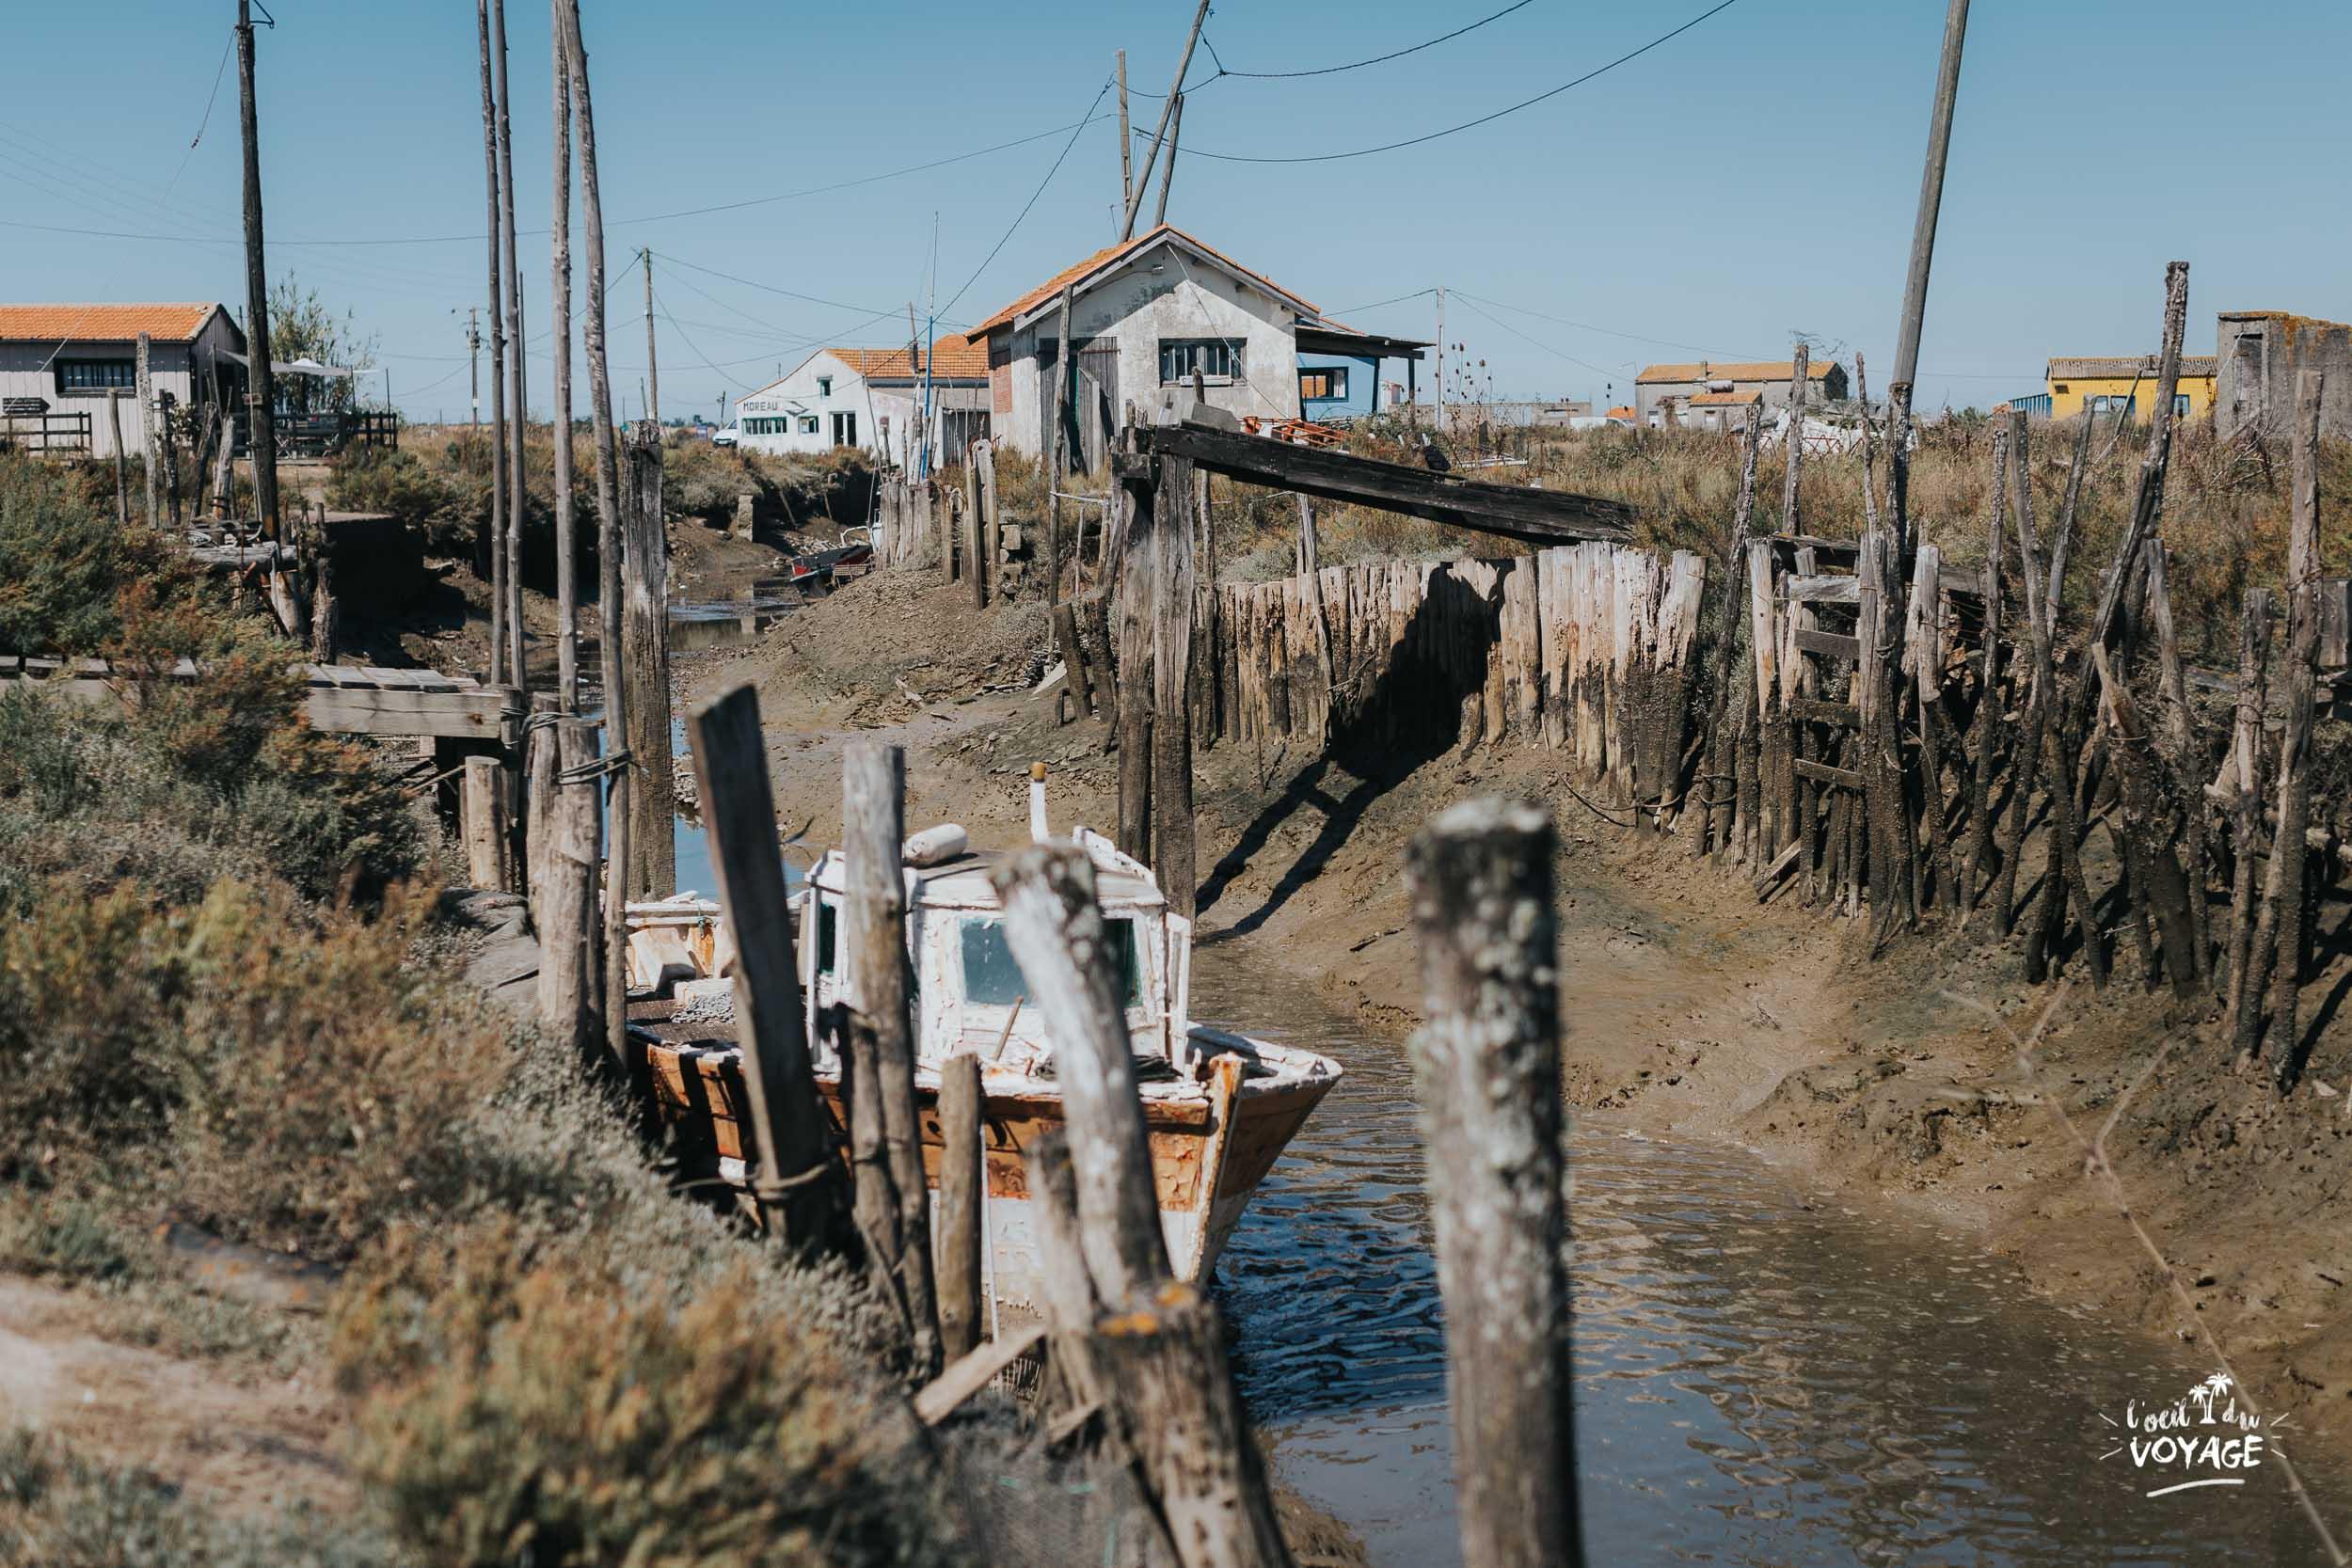 Ville dport de pêche de la Baudissière. Que voir sur l'Île d'Oléron ? immanquable Oléron, marennes tourisme, par L'oeil du Voyage